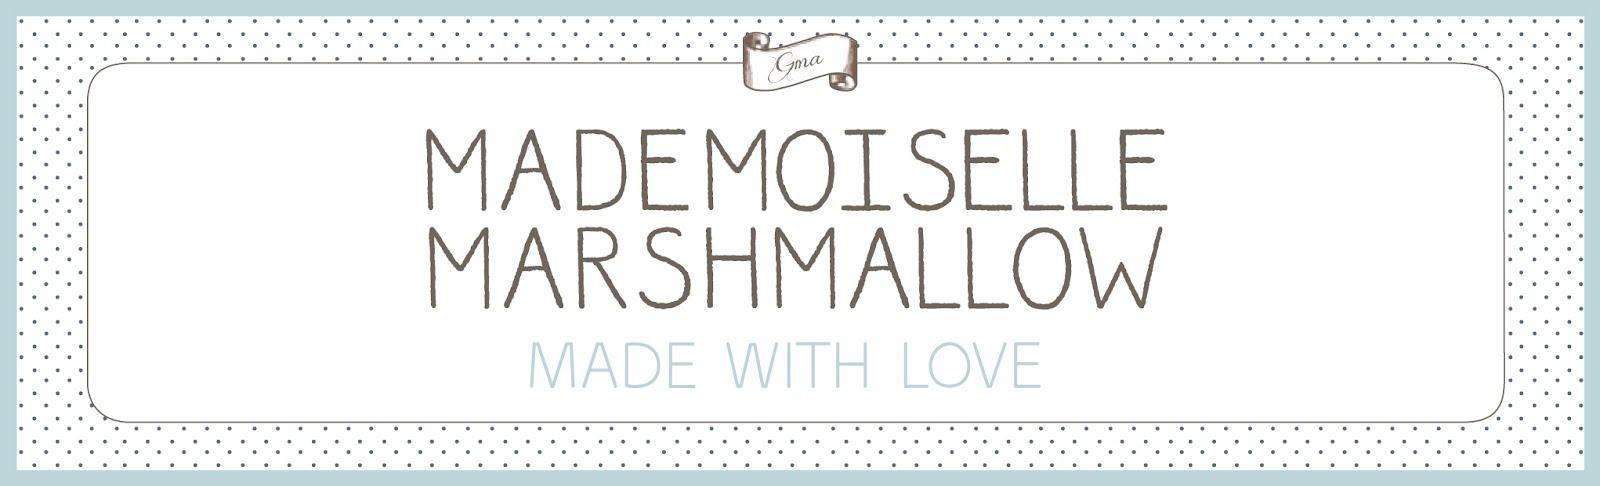 Mademoiselle Marshmallow